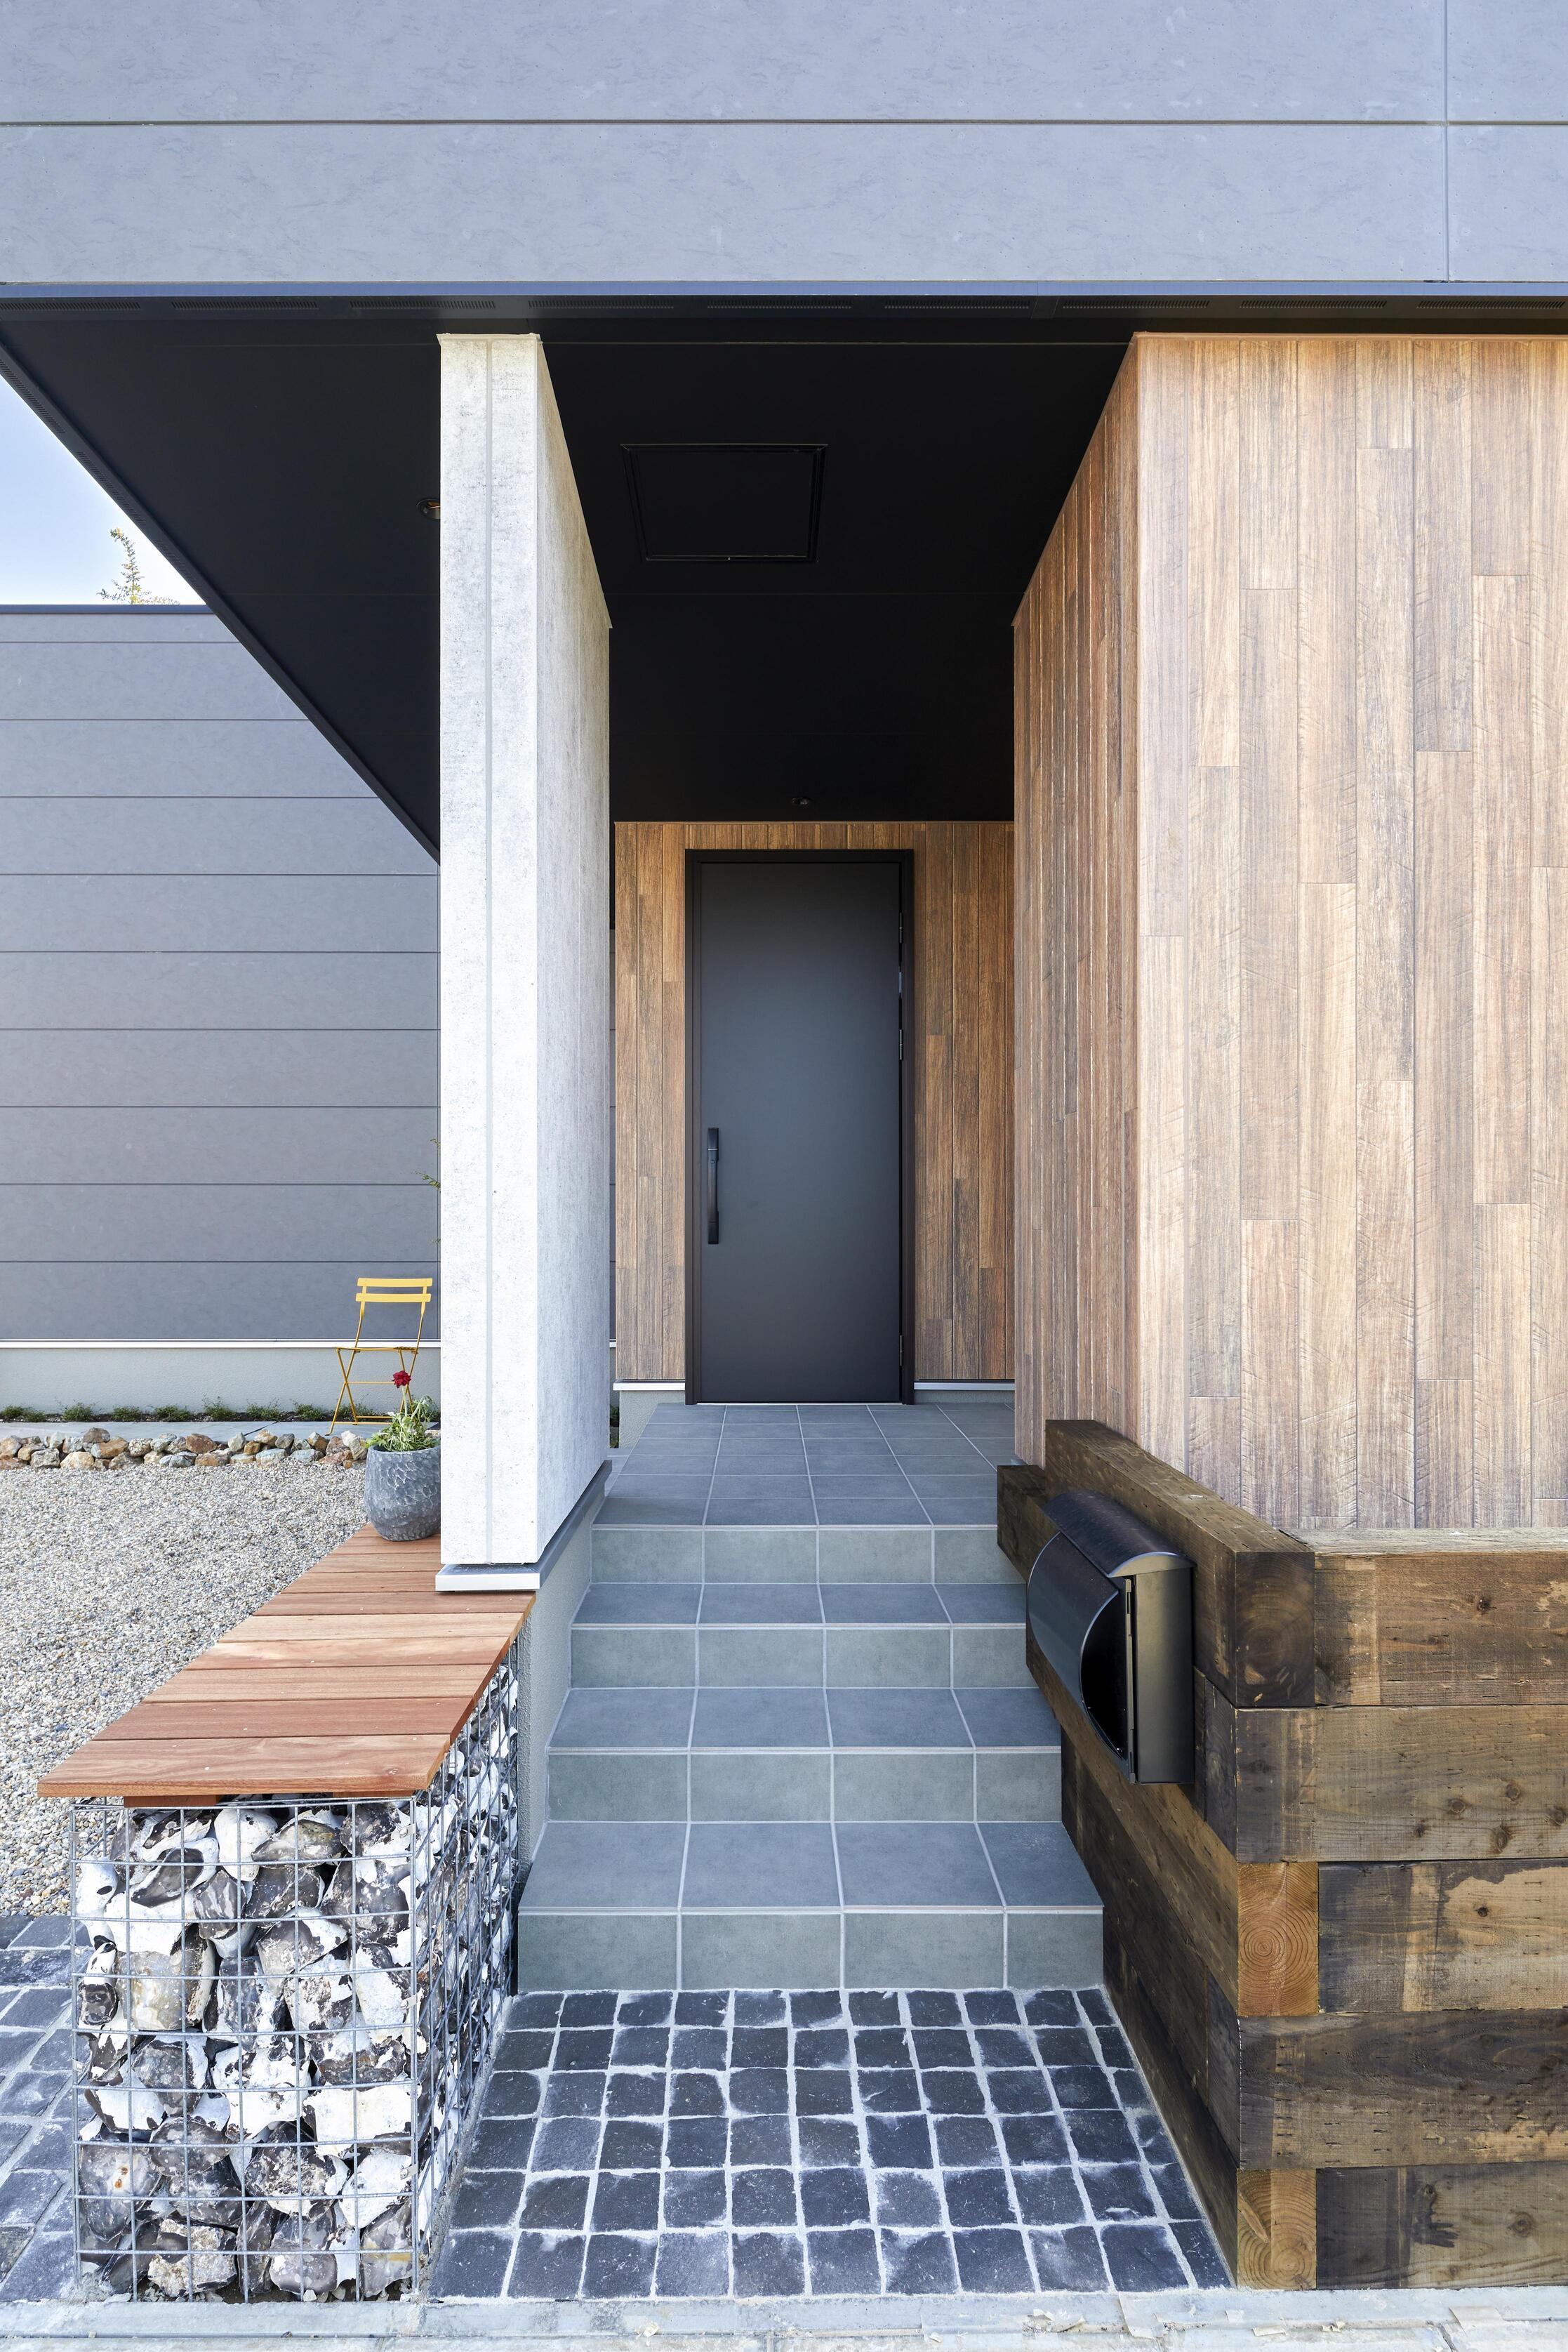 オイルペイントの玄関ドアを採用。美しい表情を引き出すためにミニマルなスタイリングに